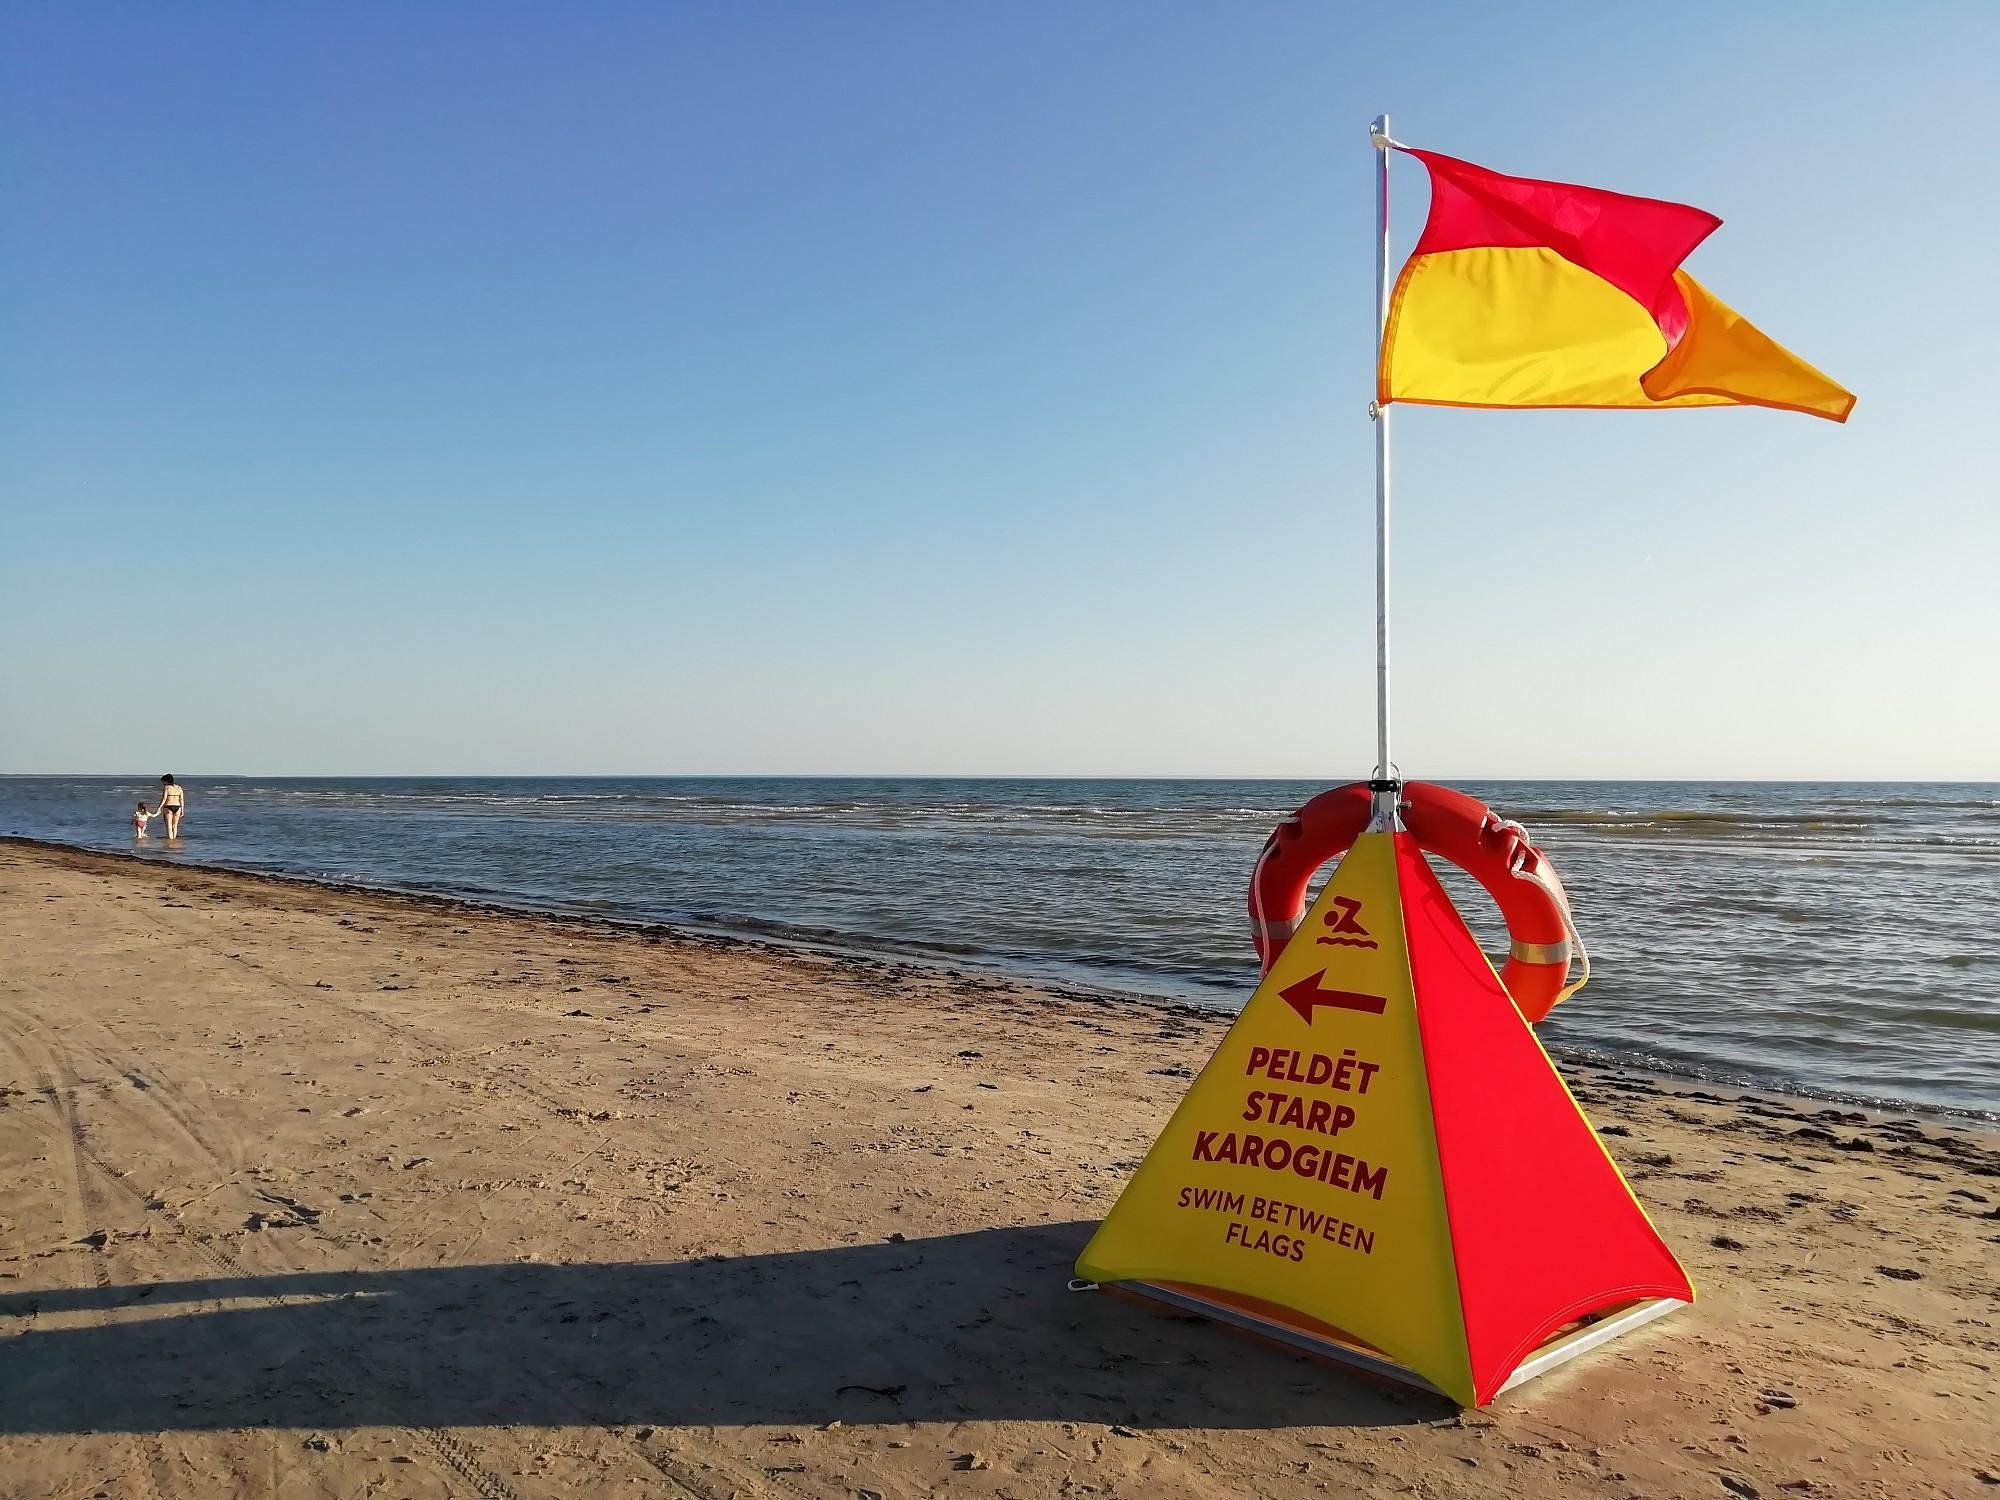 На пляже спасатель вытащил тонущего ребенка